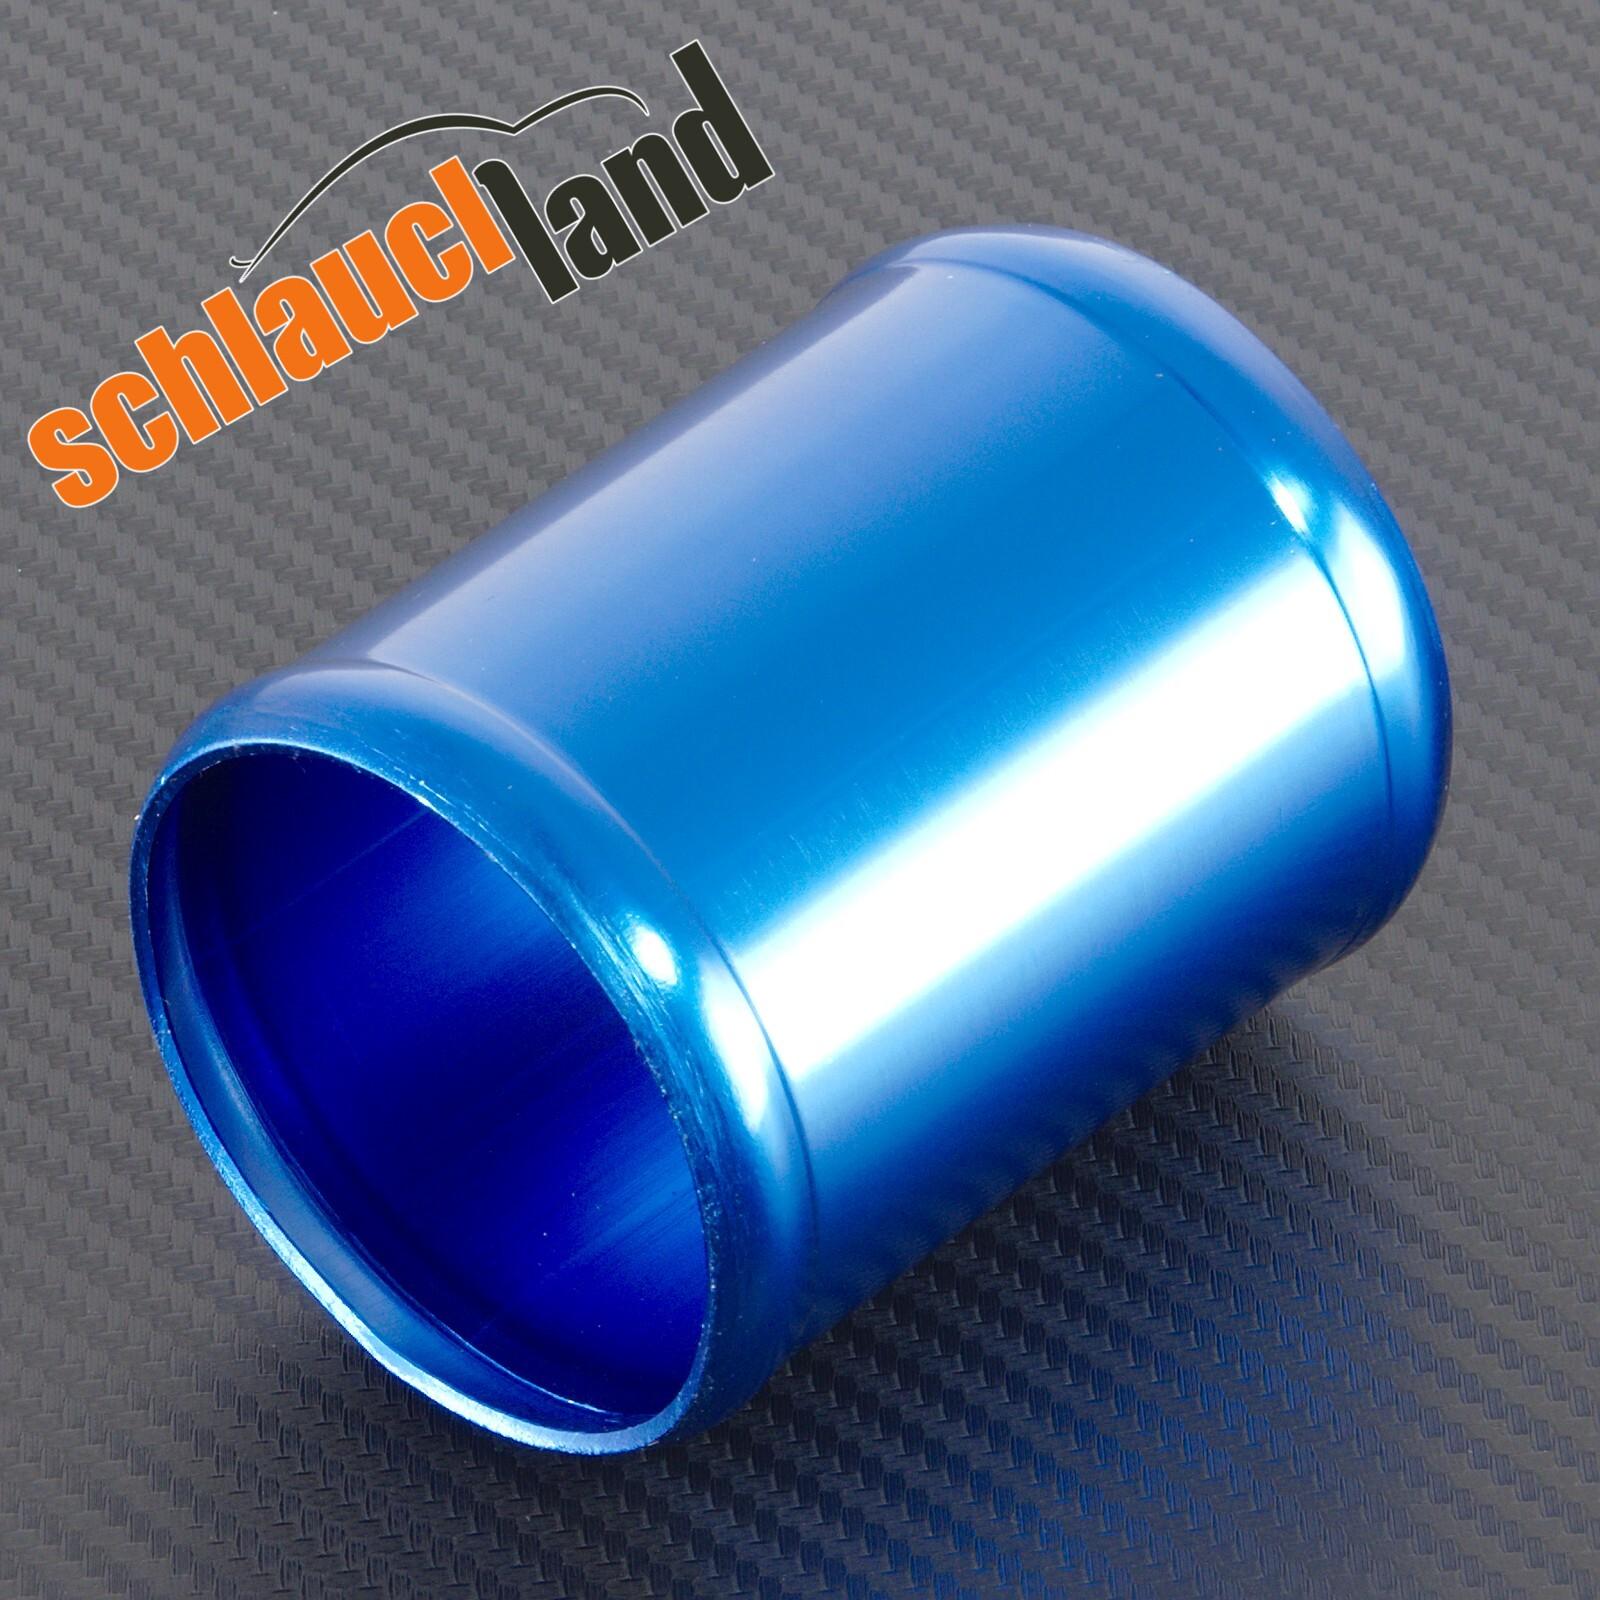 Alu-Verbinder Außendurchmesser 54 mm blau eloxiert